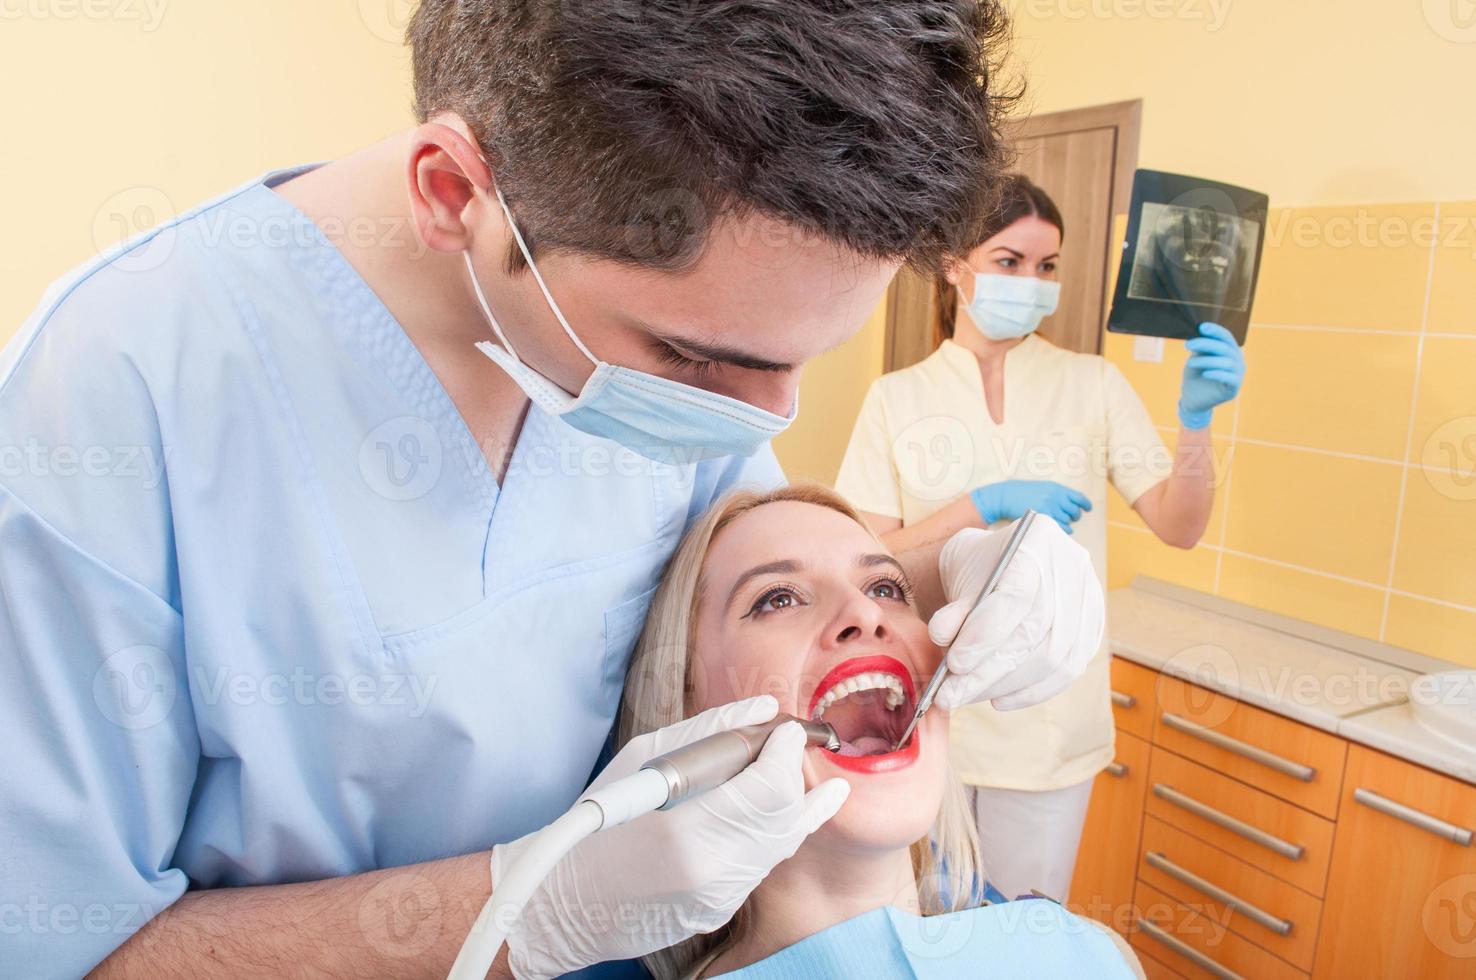 equipo dental en el trabajo foto